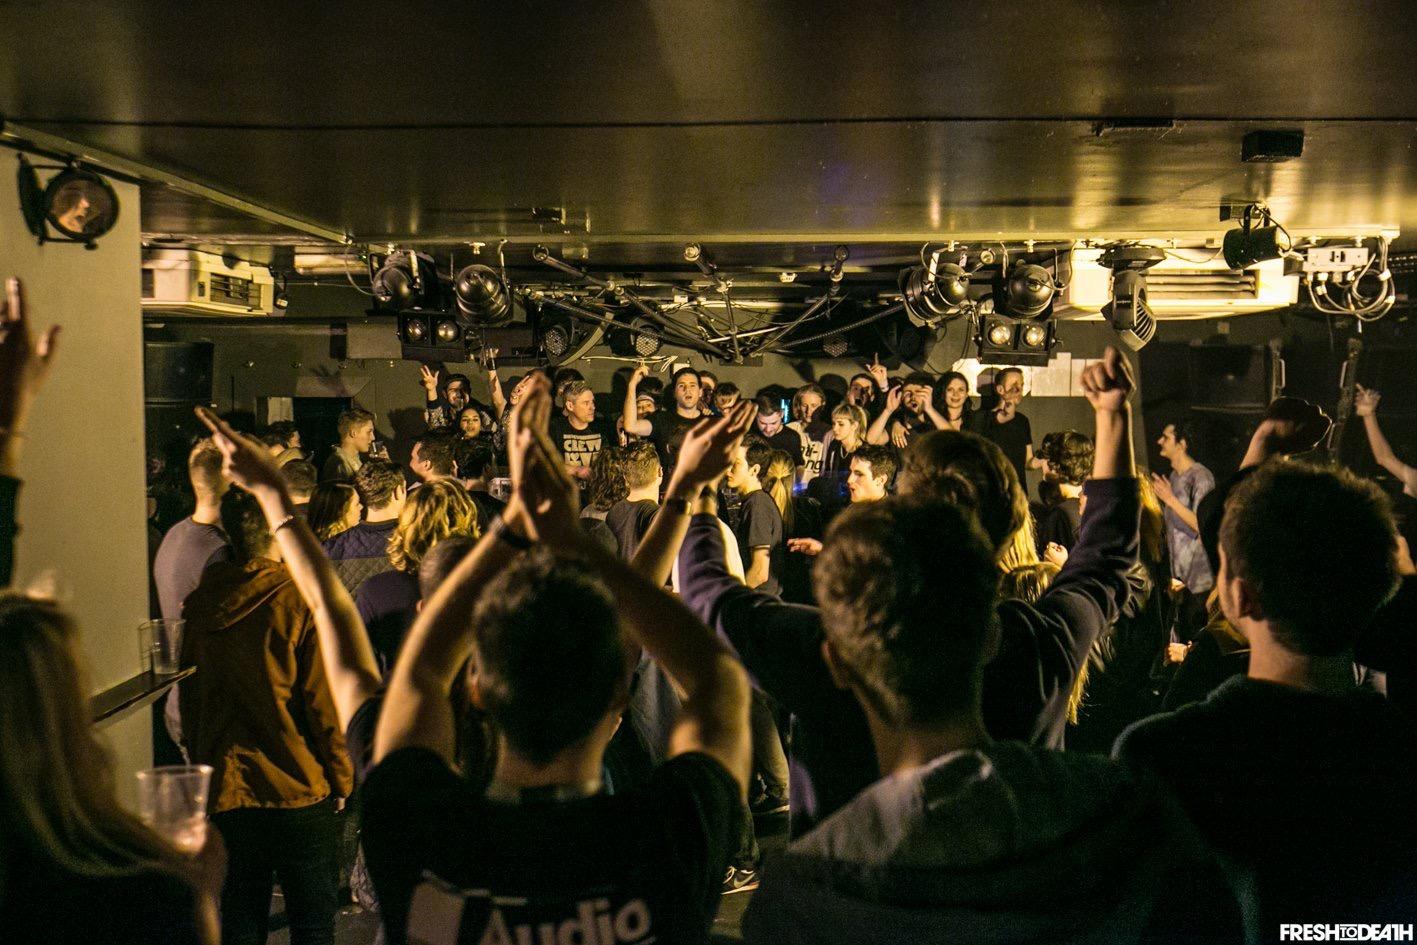 audio-club